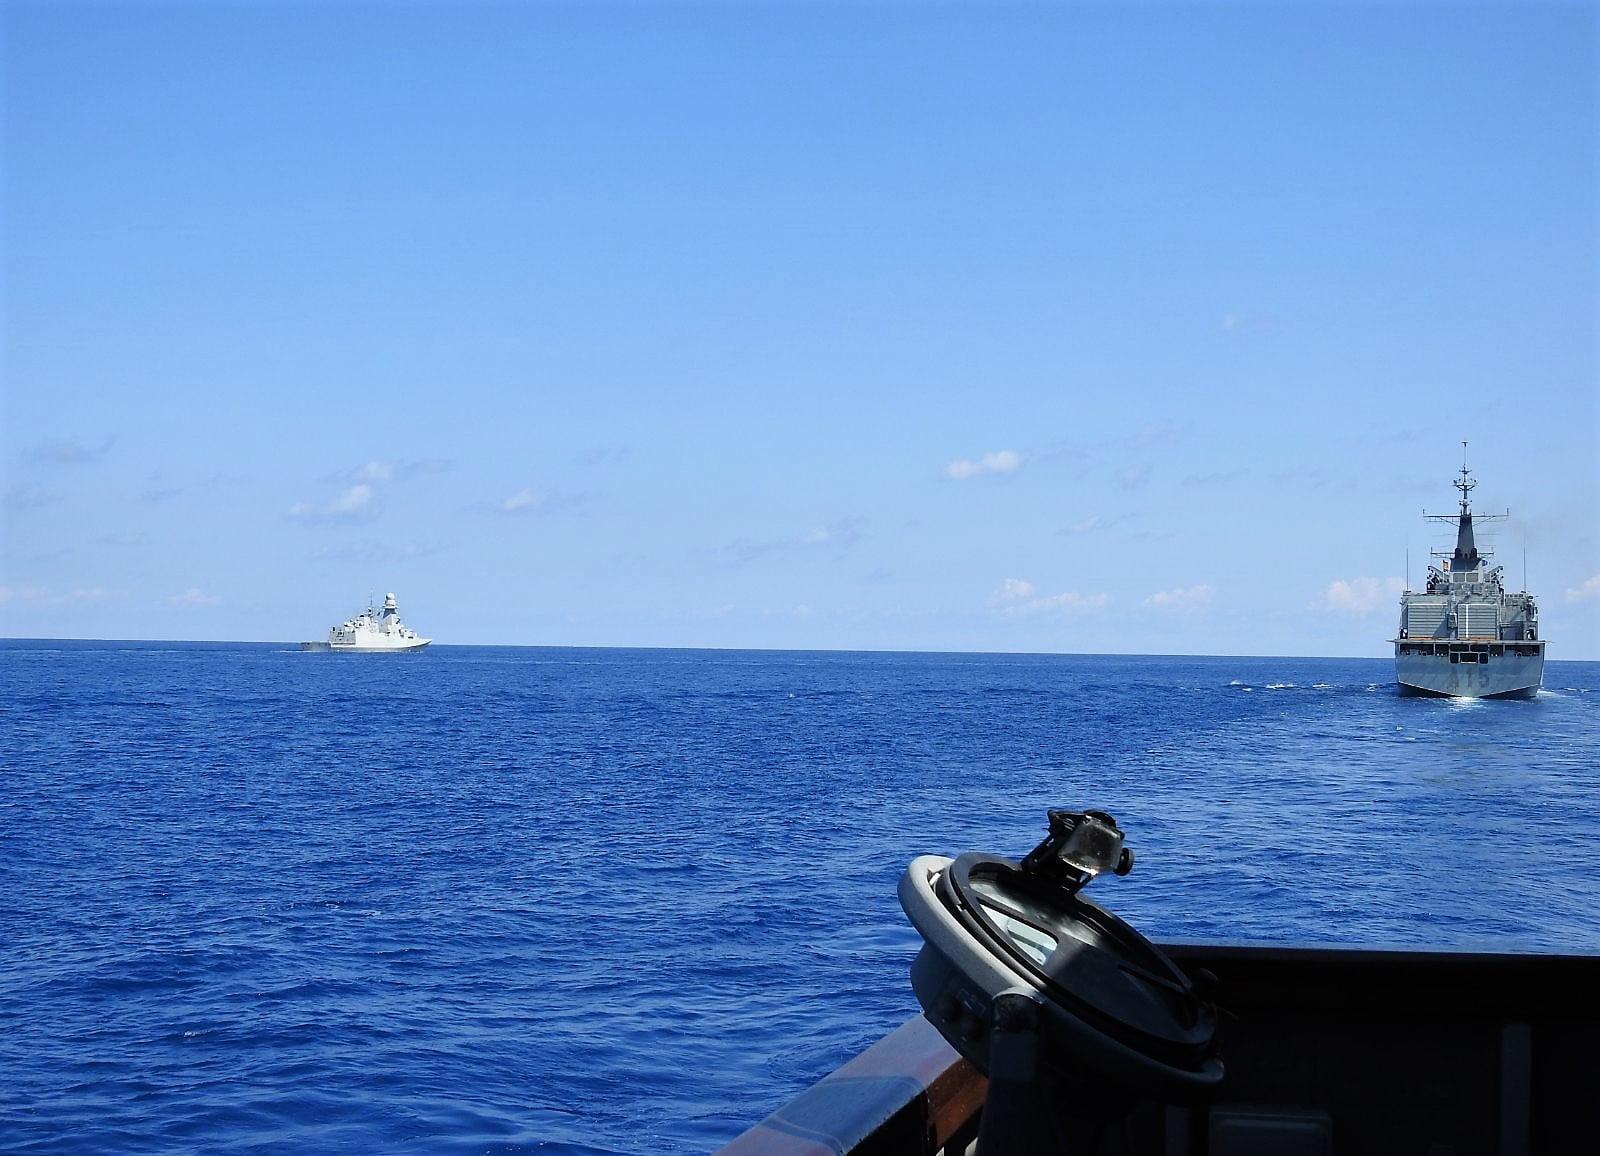 Κρήτη: Φωτογραφίες από την πολυεθνική άσκηση του ΝΑΤΟ «Dynamic Guard 21-II»